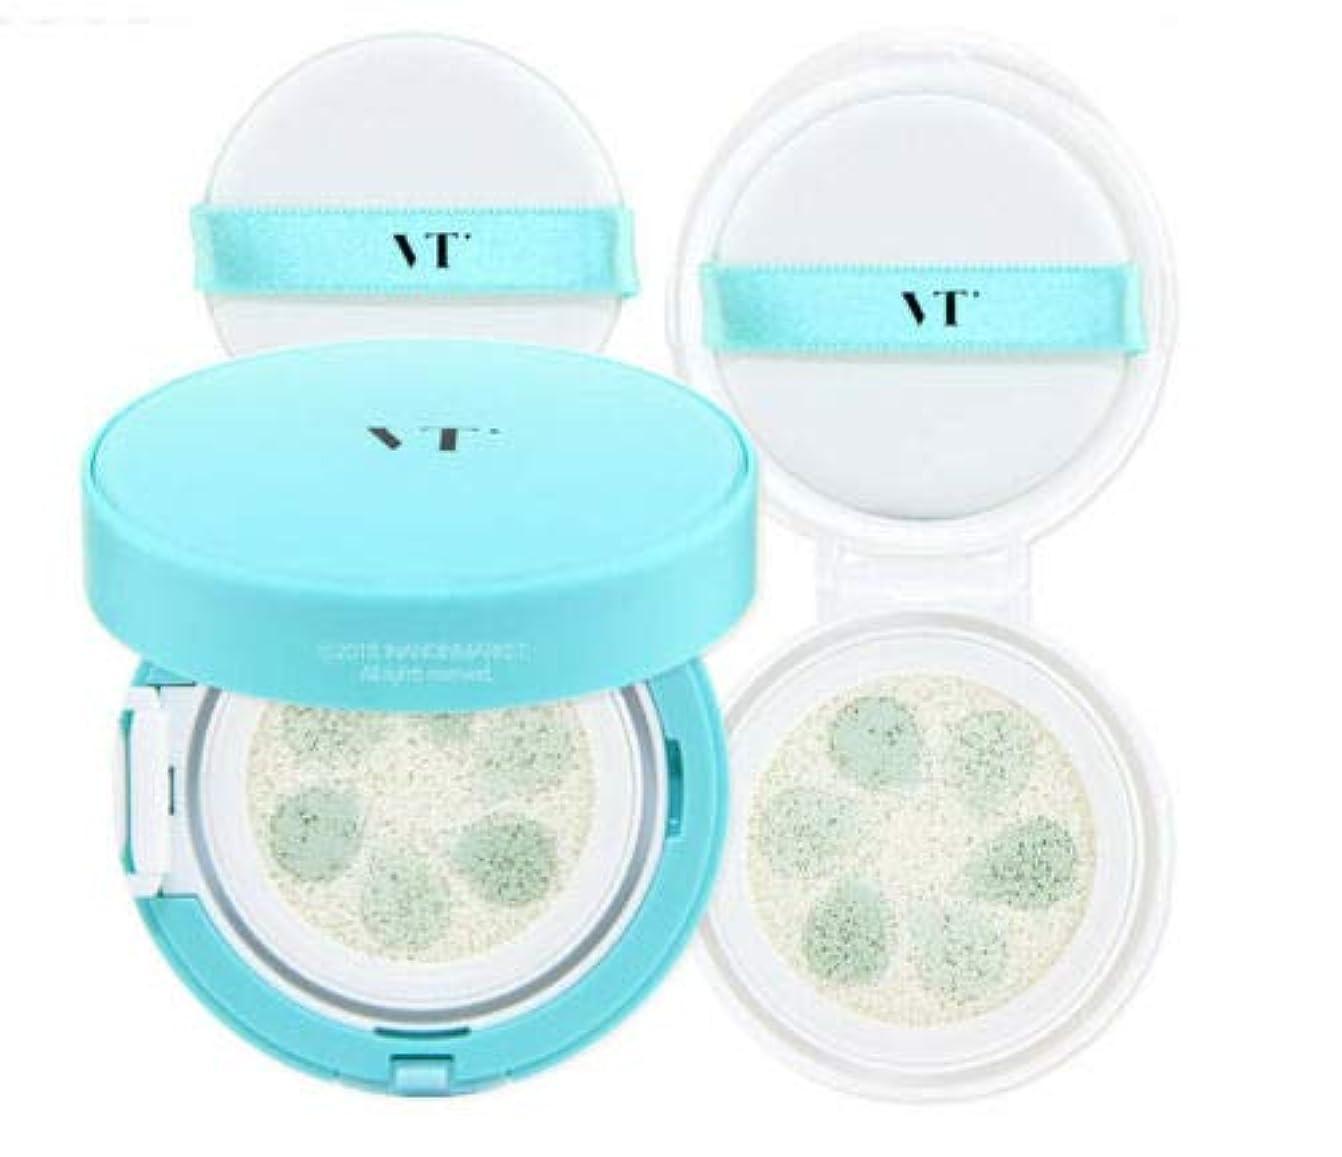 スタジアムボランティア異邦人VT Cosmetic Phyto Sun Cushion サンクッション 本品11g + リフィール11g, SPF50+/PA++++